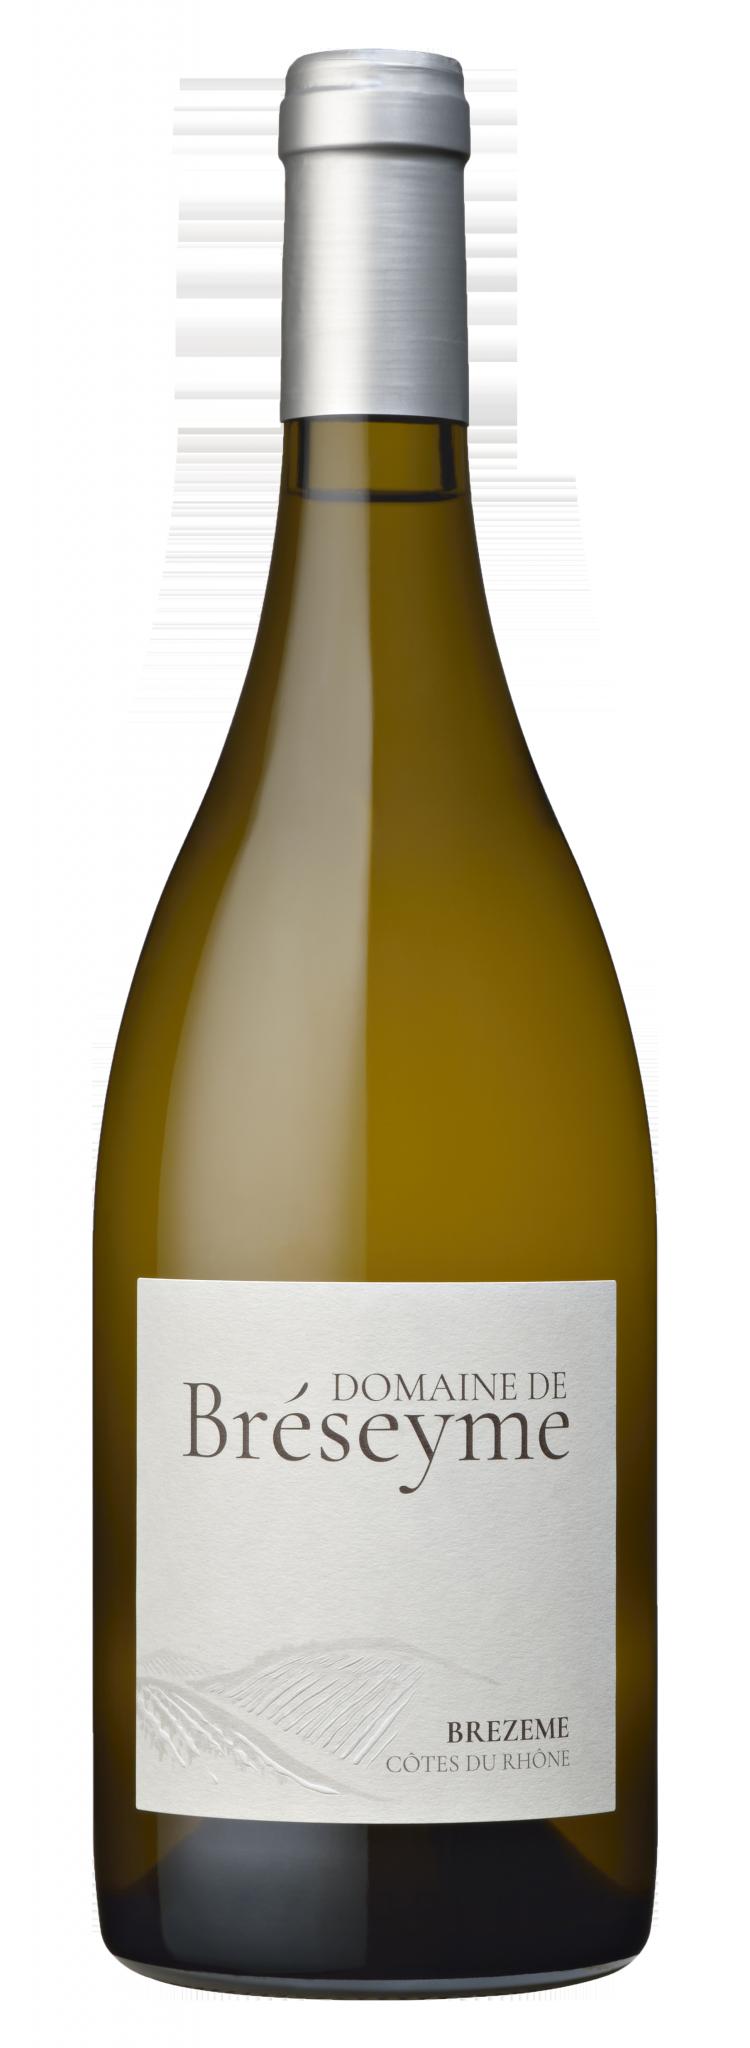 Domaine de Bréseyme, Brézème, AOC Côtes du Rhône, Blanc, 2018